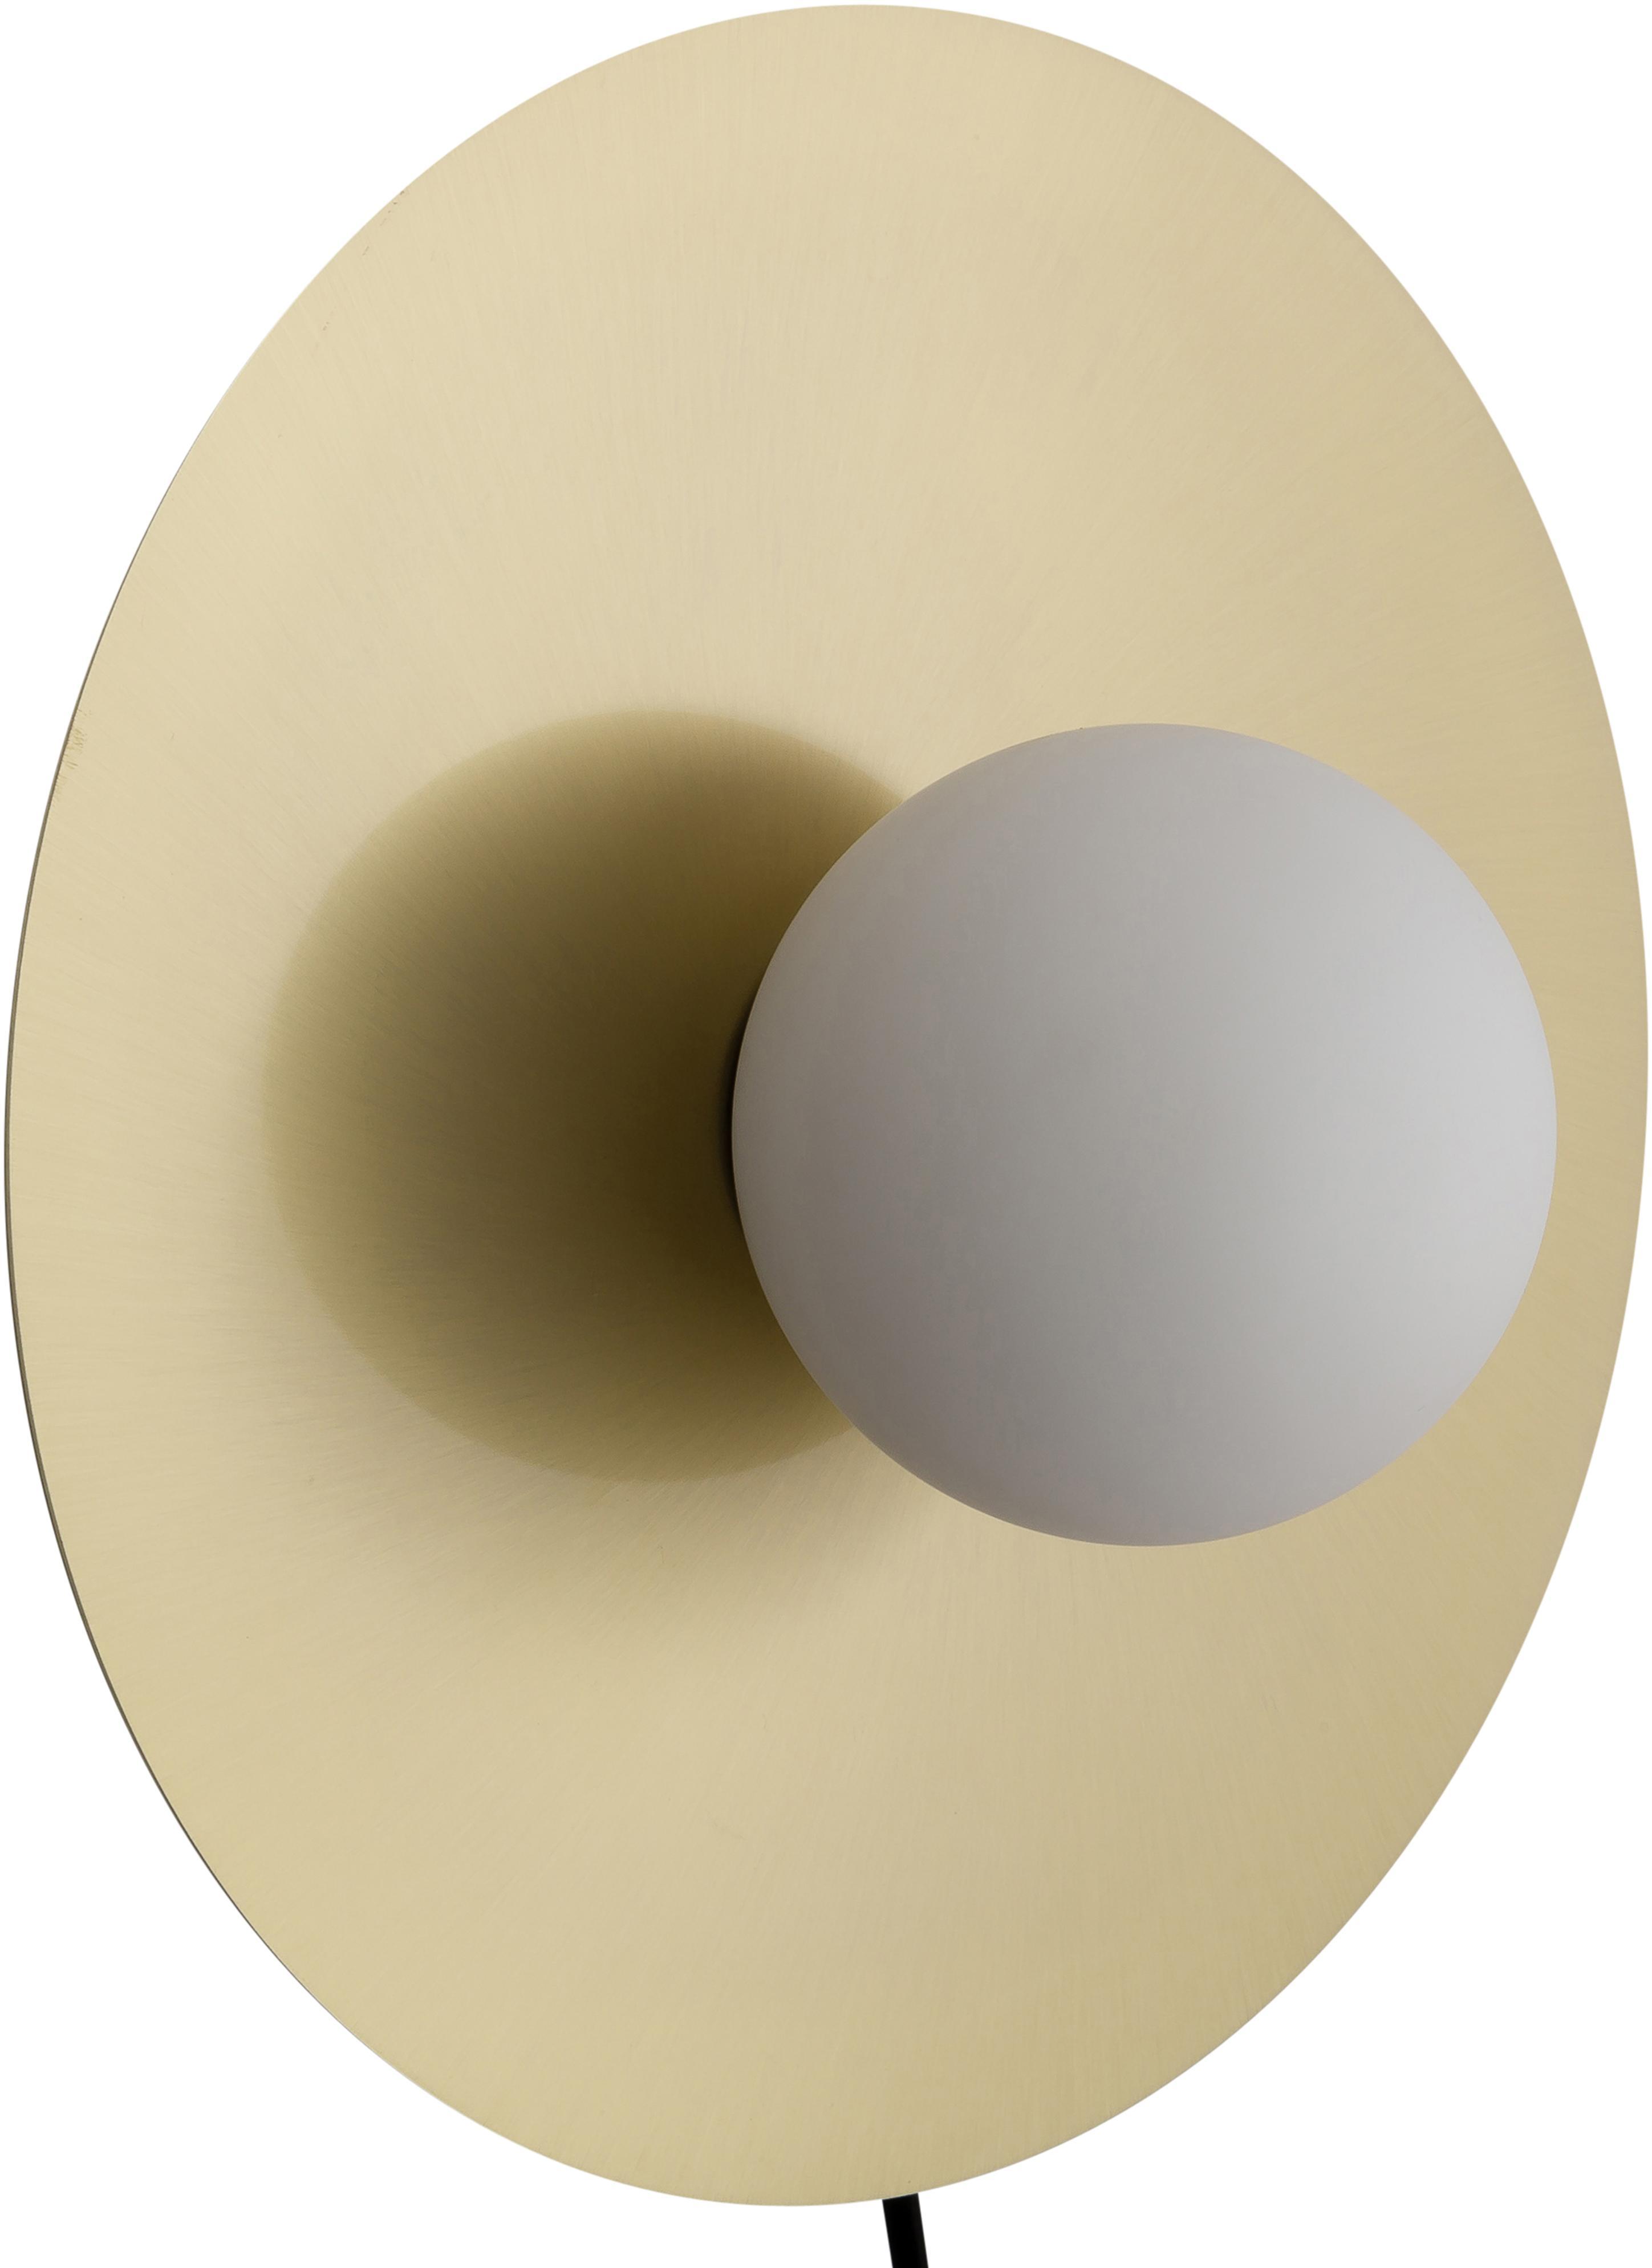 Wandleuchte Starling, Lampenschirm: Glas, Baldachin: Messingfarben, mattLampenschirm: Weiss, Ø 33 cm